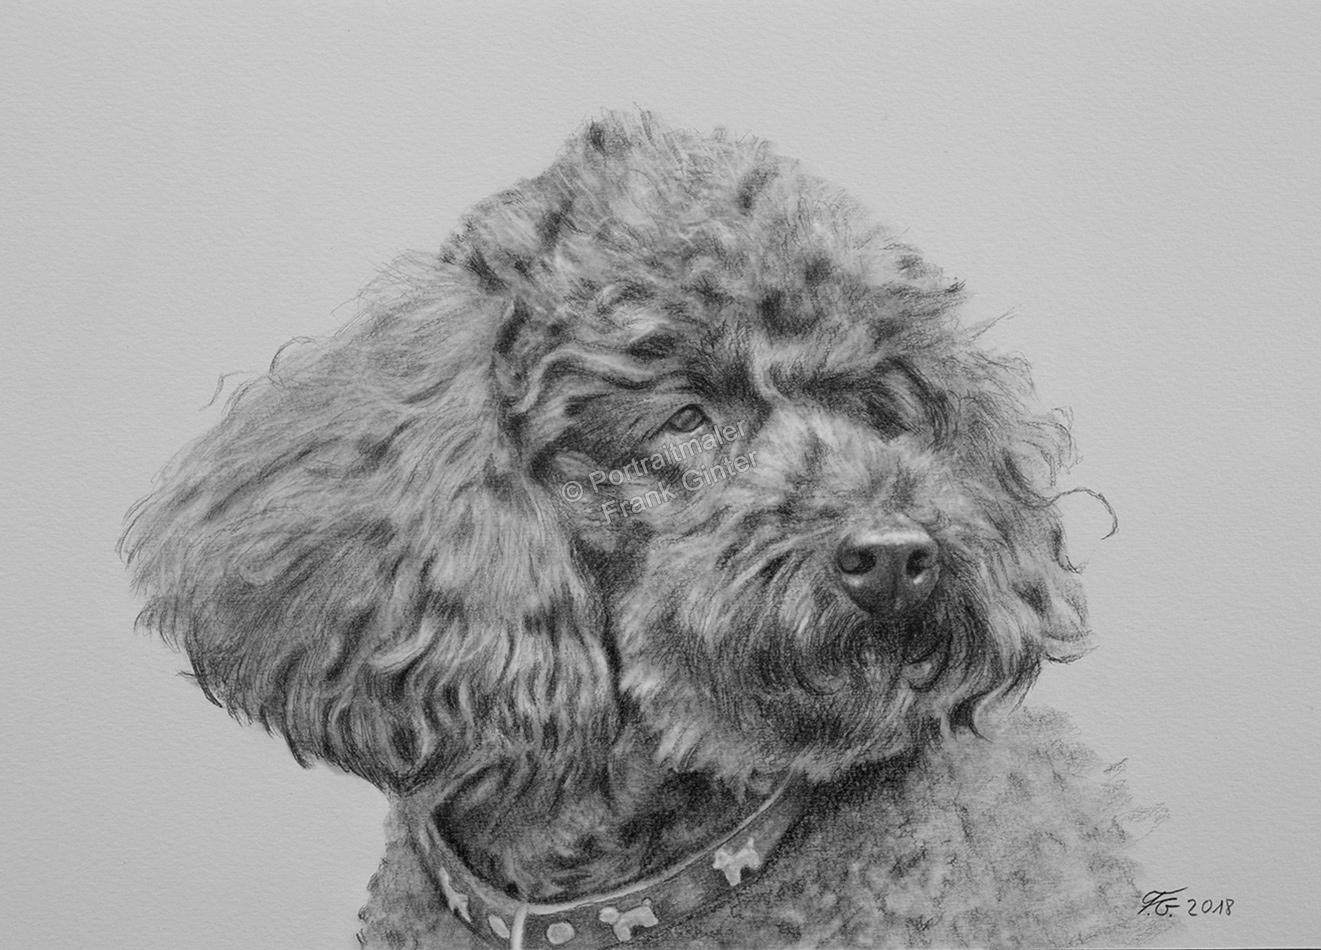 Bleistiftzeichnungen, Tierportraits, Bleistiftzeichnung, Tierzeichnungen, Tierzeichner